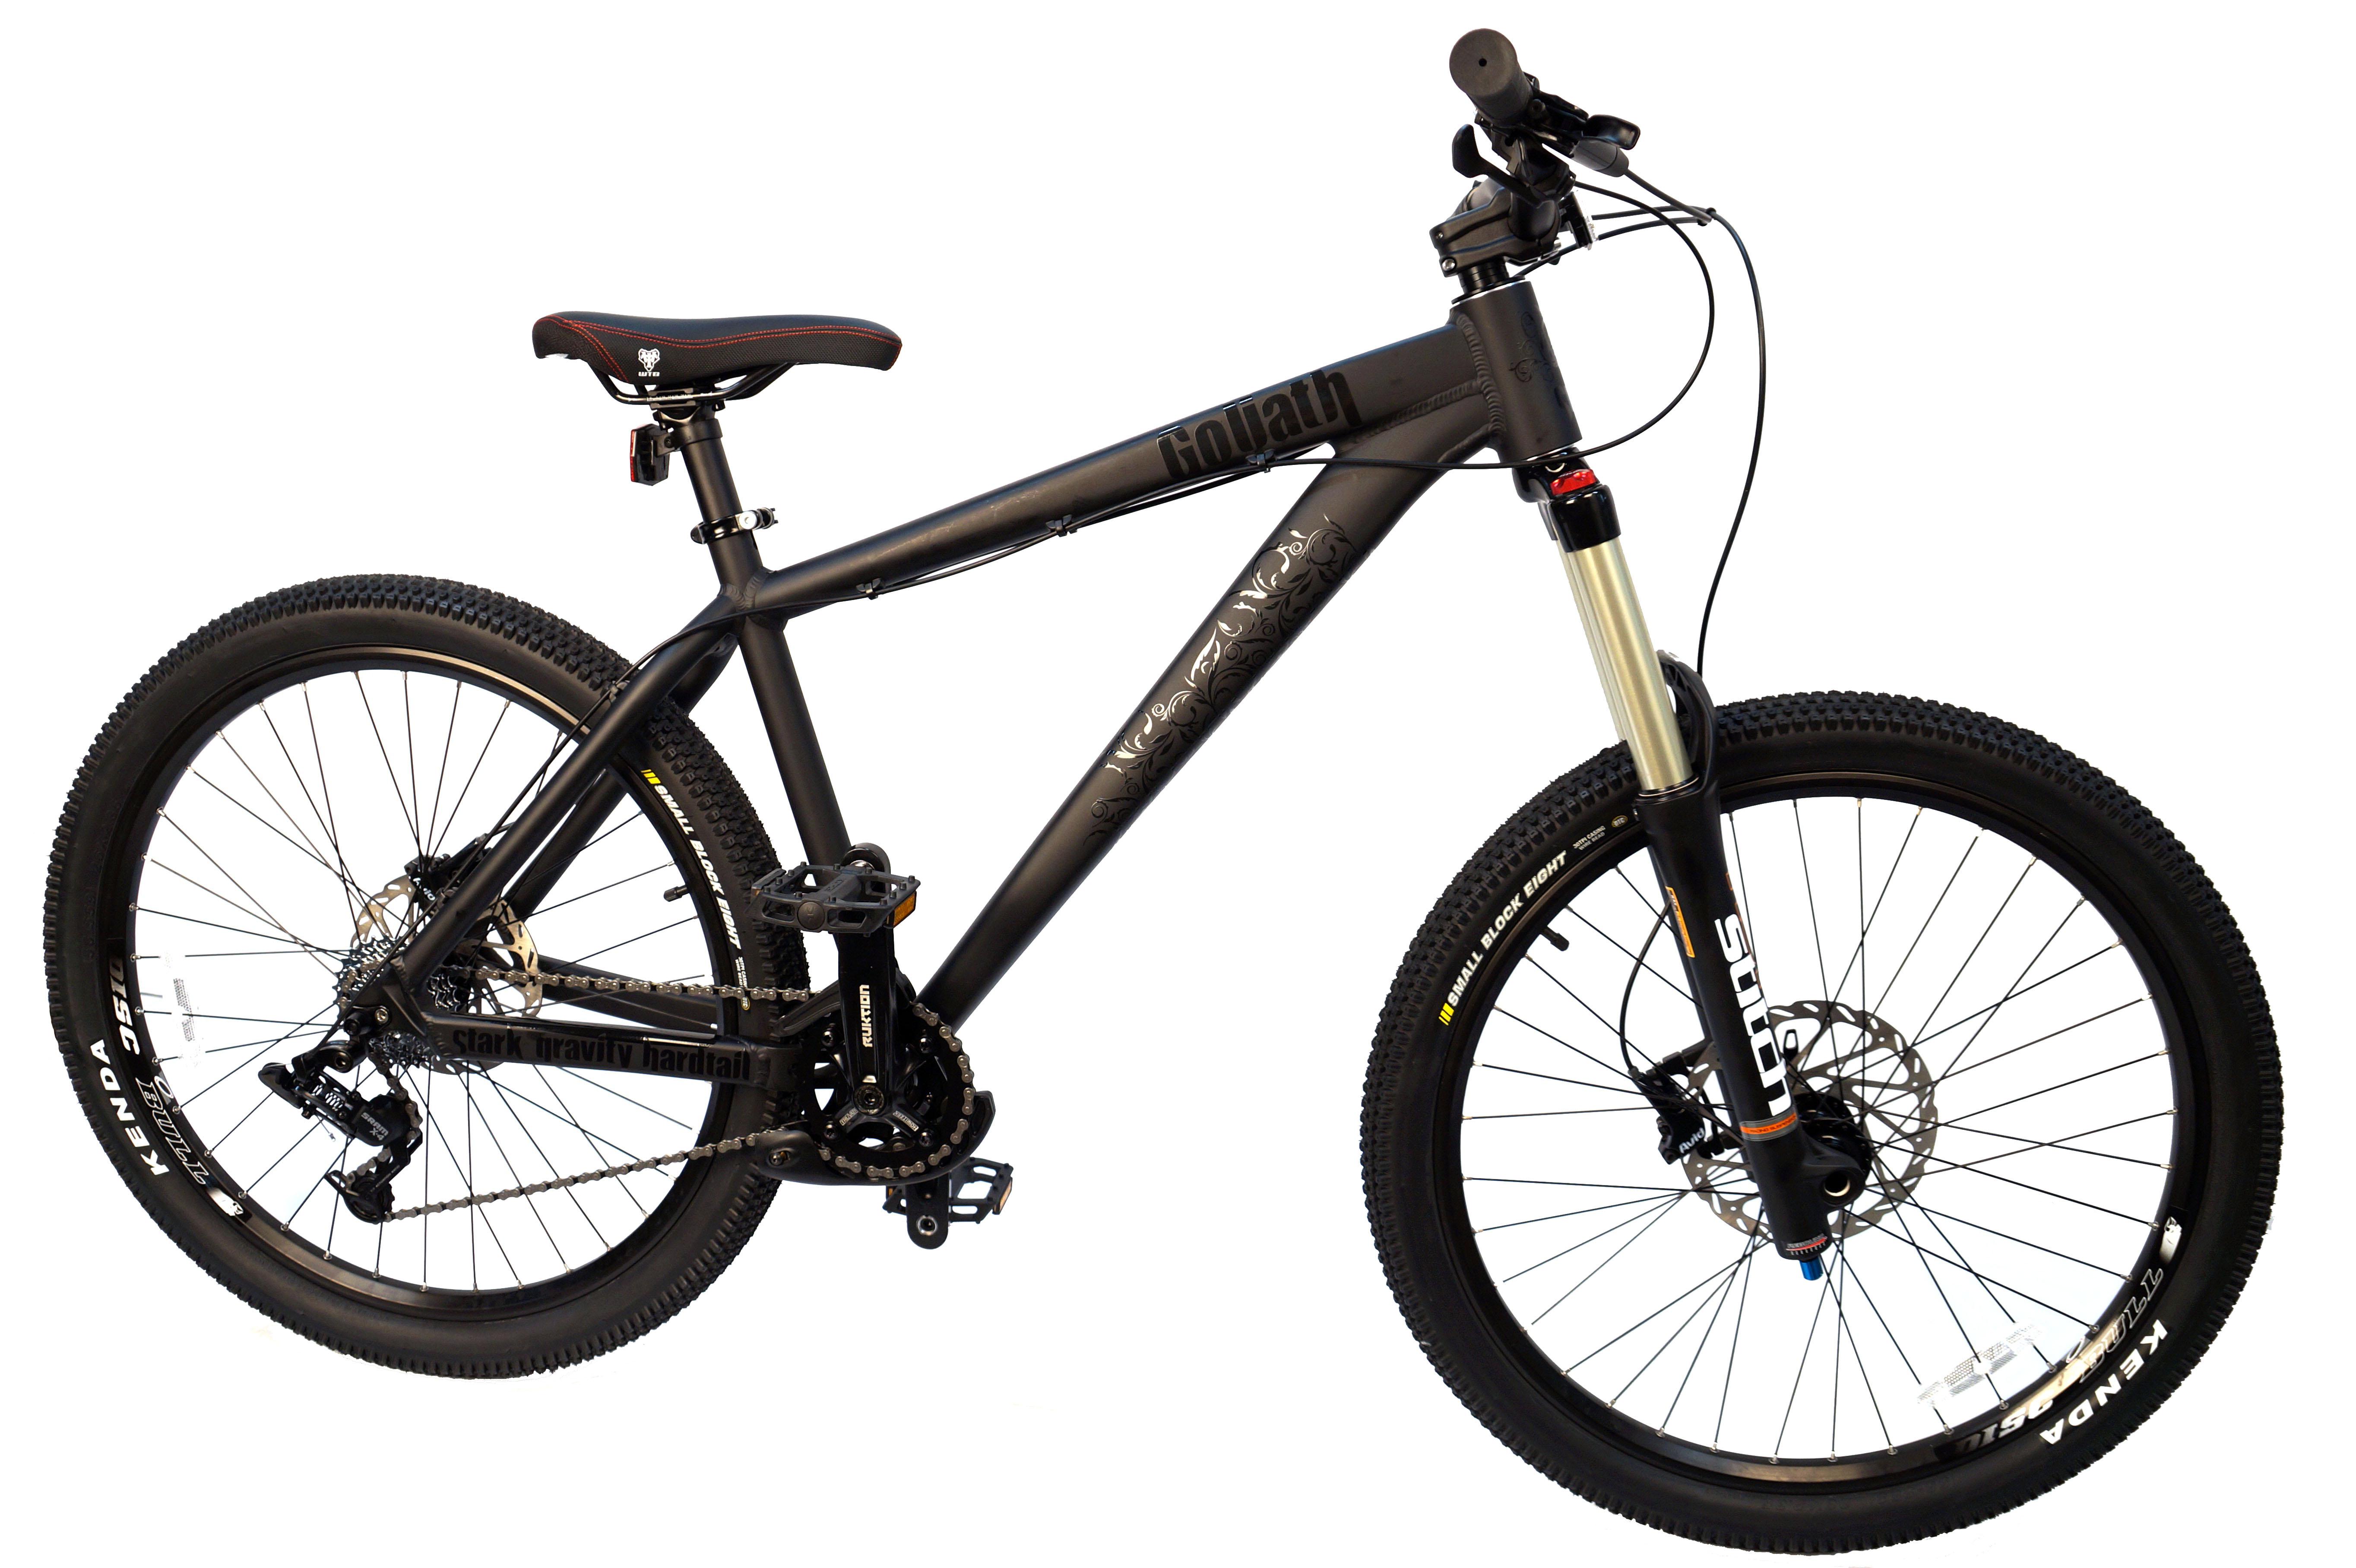 Велосипед Stark Goliath (2017) черный 17СТРИТ / ДЕРТ<br>StarkGoliath - крепкий и надёжный горный велосипед, разработанный для экстремального катания. Велосипед заточен под freeride или all-mountain . Толстые трубы переменного сечения, из которых изготовлена рама и перья задней вилки, обеспечивают высокую прочность конструкции. Геометрия рамы, может показаться, несколько высокой для гравити и экстрима, но за счёт этой особенности, вам будет удобно подниматься в гору после скоростного спуска. Амортизационная вилка RST STITCH, с ходом 160мм, отлично подходит для all-mountain и freeride. Трансмиссия велосипеда имеет 8 скоростей - их работу обеспечивает надёжное оборудование SRAM X4. Прочная система шатунов Truvativ Ruktion 1.0, хорошо зарекомендовавших себя в freeride, установлена в каретке с выносными подшипниками. Успокоитель цепи, установленный на данной модели, превосходно справляется со своей задачей в любых условиях. Надёжные гидравлические тормоза Avid DB3, с роторами 200мм, безупречно функционируют в любых погодных условиях и смогут моментально остановить велосипед даже на экстремальных фрирайд трассах. Колёса экстремального велосипеда собраны на ободах Weinmann DiscBull, чей профиль хорошо держит продольные удары, а большая ширина обода обеспечивает стойкость к скручиванию от боковых нагрузок. Передняя втулка имеет 20мм ось, а задняя втулка 10мм ось. Высокие покрышки Kenda с высоким, зубастым протектором уверенно проходят самые сумасшедшие спуски.<br><br>бренд: STARK<br>год: 2017<br>рама: Алюминий (Alloy)<br>вилка: Амортизационная (пружина)<br>блокировка амортизатора: Нет<br>диаметр колес: 26<br>тормоза: Дисковые гидравлические<br>уровень оборудования: Продвинутый<br>количество скоростей: 8<br>Цвет: черный<br>Размер: 17